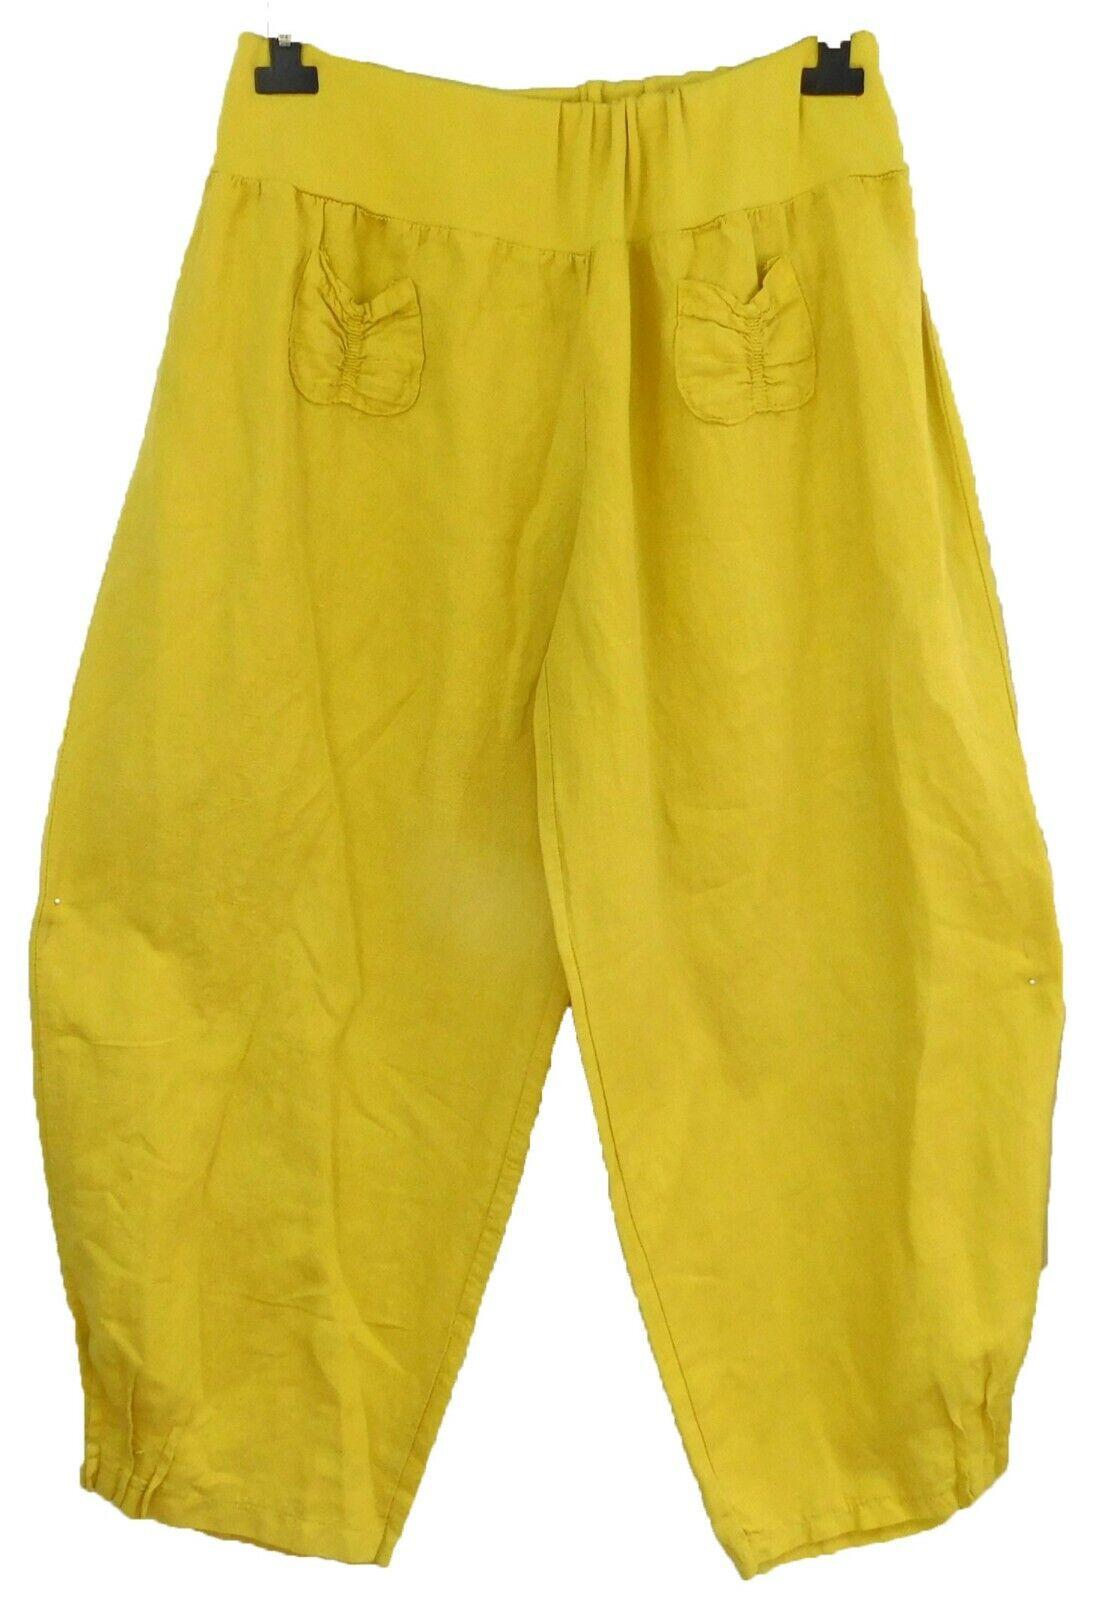 Labass Pantalon Lin stretchbund grand Décontracté jaune maïs superposé Taille 3 = 56-58